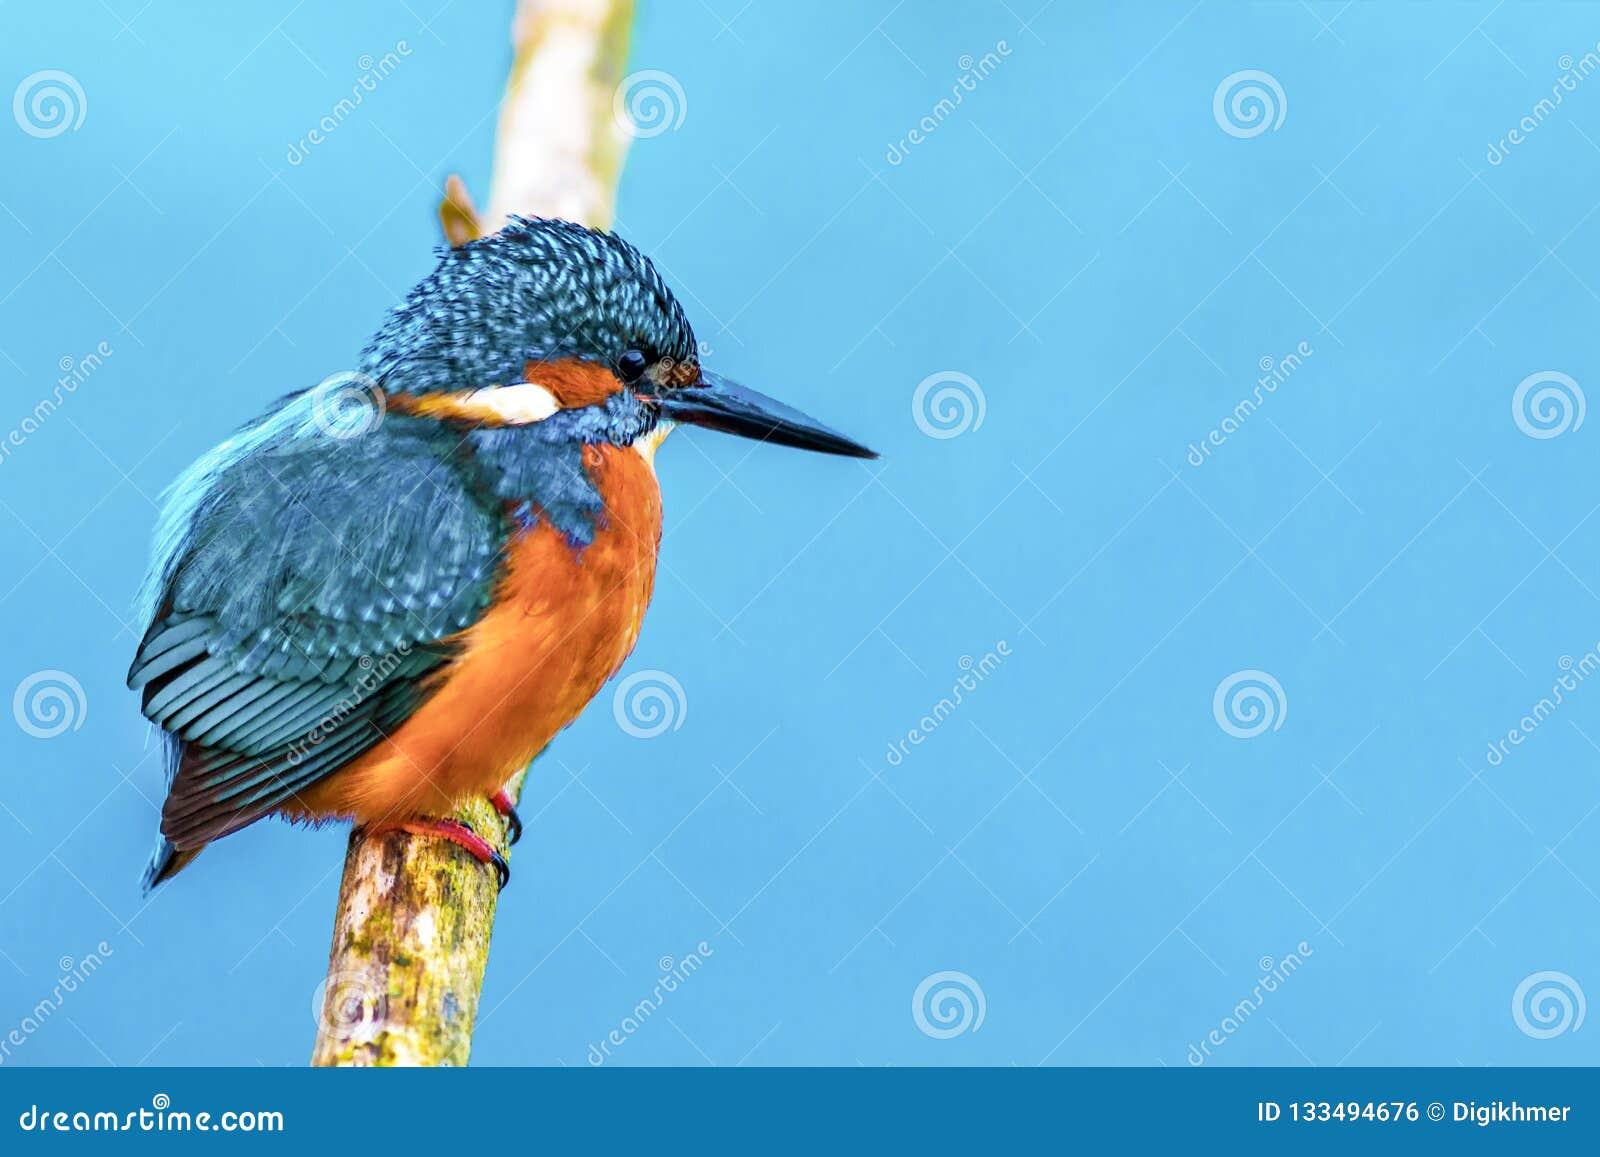 Oiseau de pêcheur de roi sur une branche